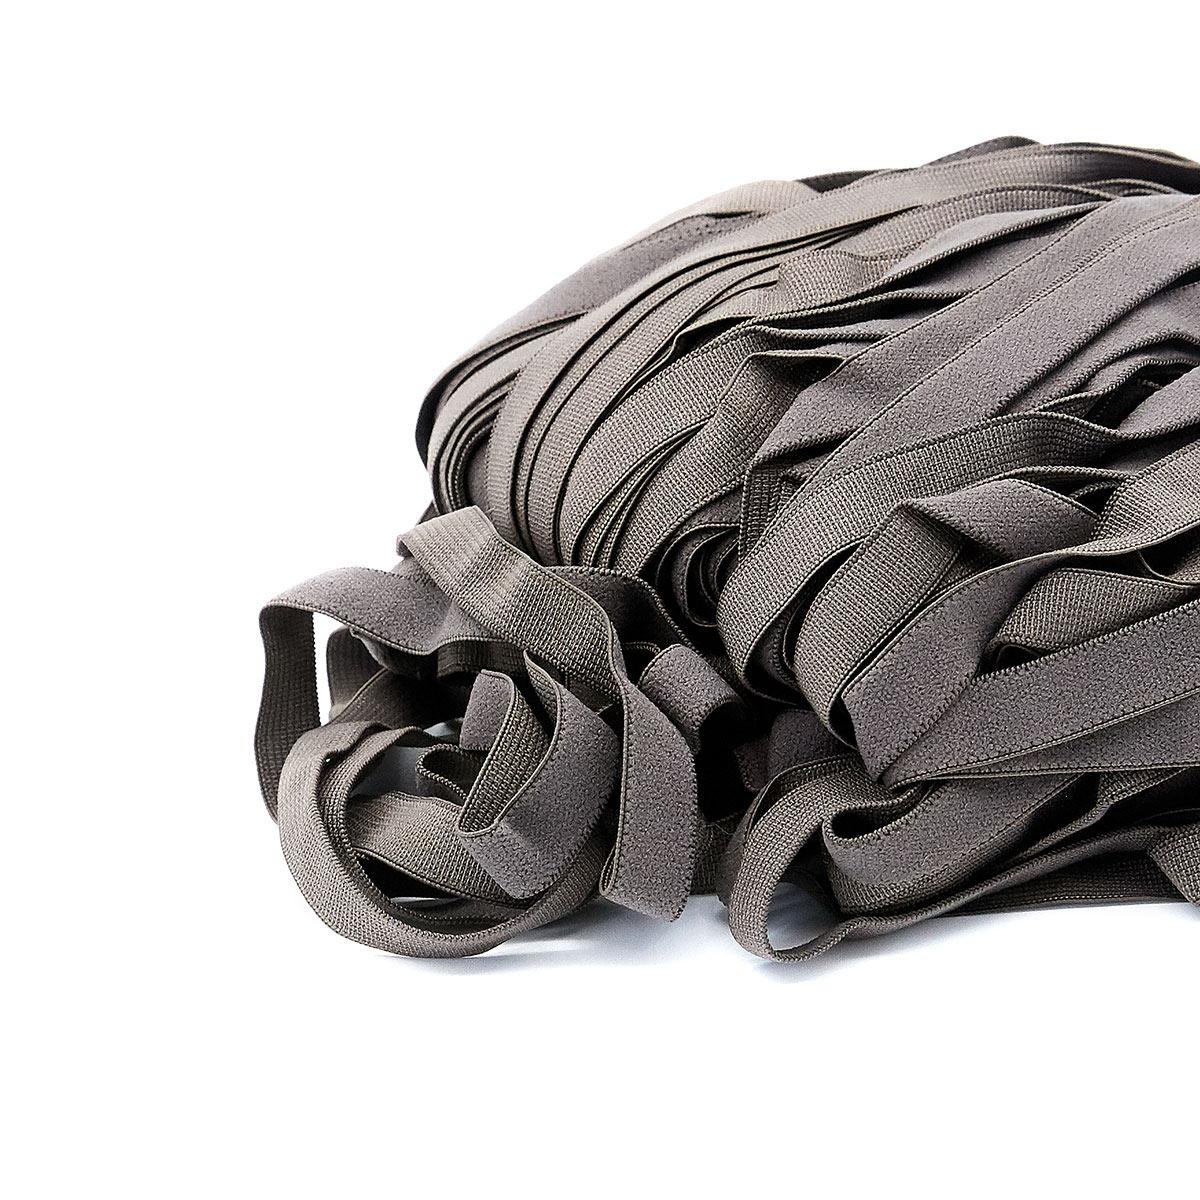 STP/81 эластичная отделочная лента 10мм*50м, серо-коричневый